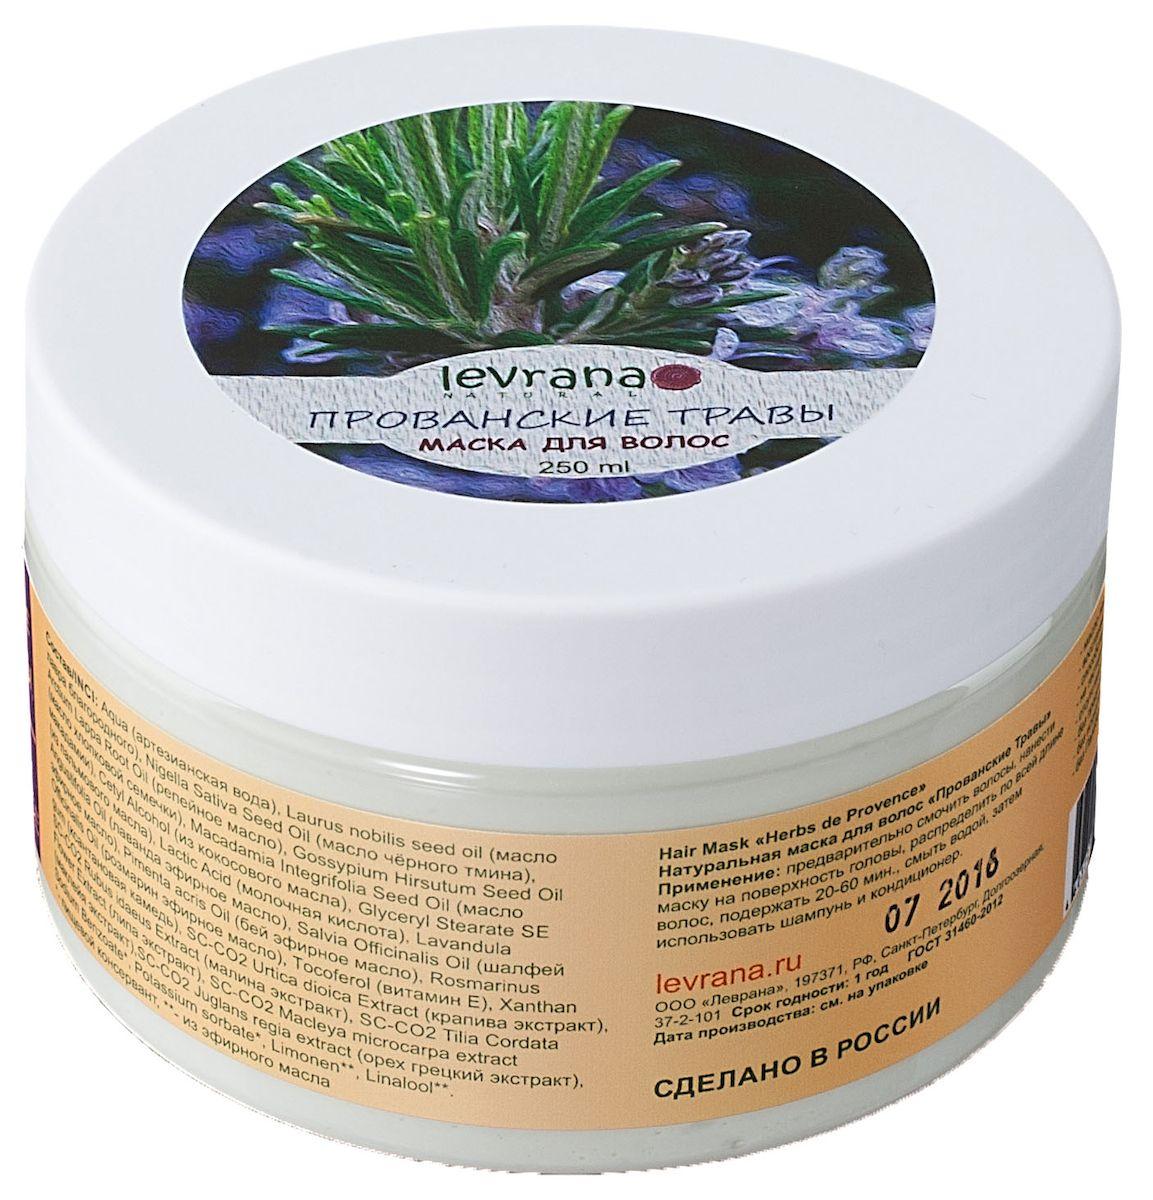 Levrana Маска для волос Прованские травы, 250 мл4605845001449Рецептура масок разработана так, чтобы максимально, в короткие сроки, помочь вашим волосам, делая их крепкими, густыми и шелковистыми.